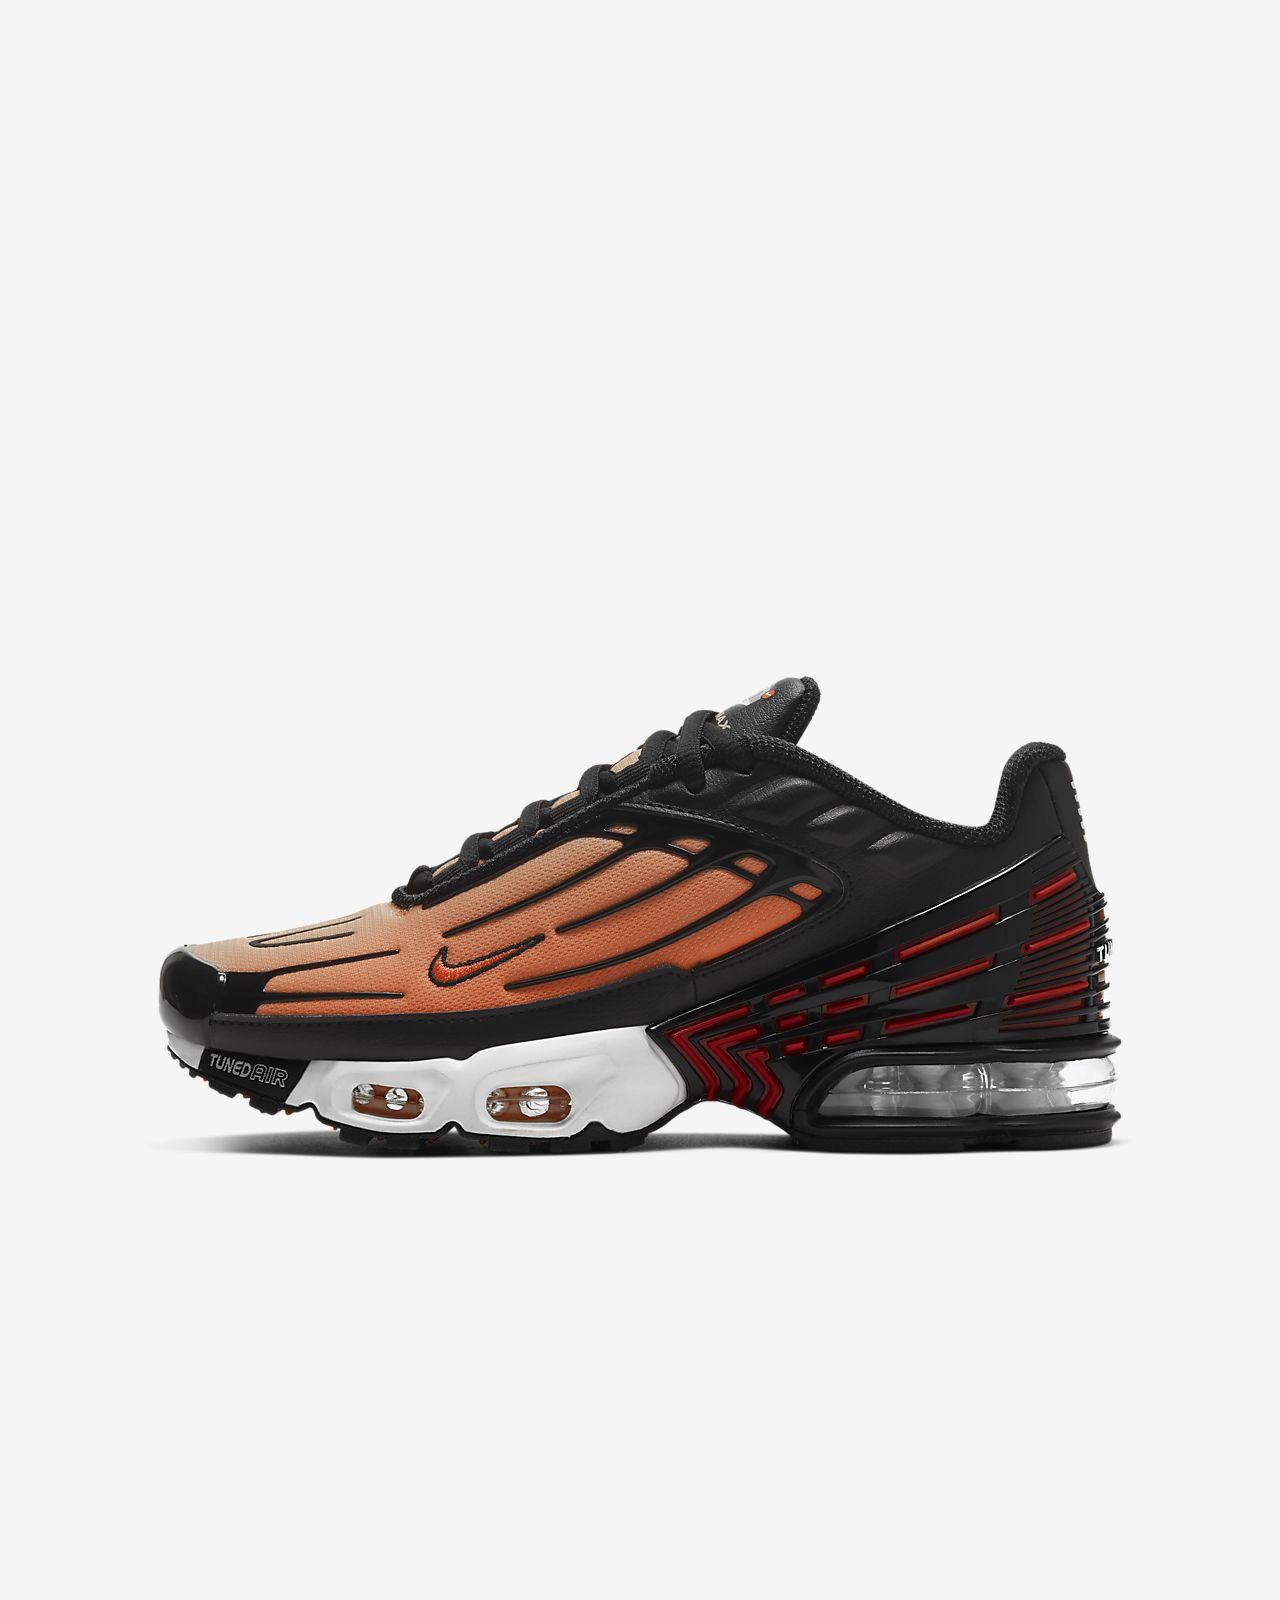 Cheap Nike Air Max TN On